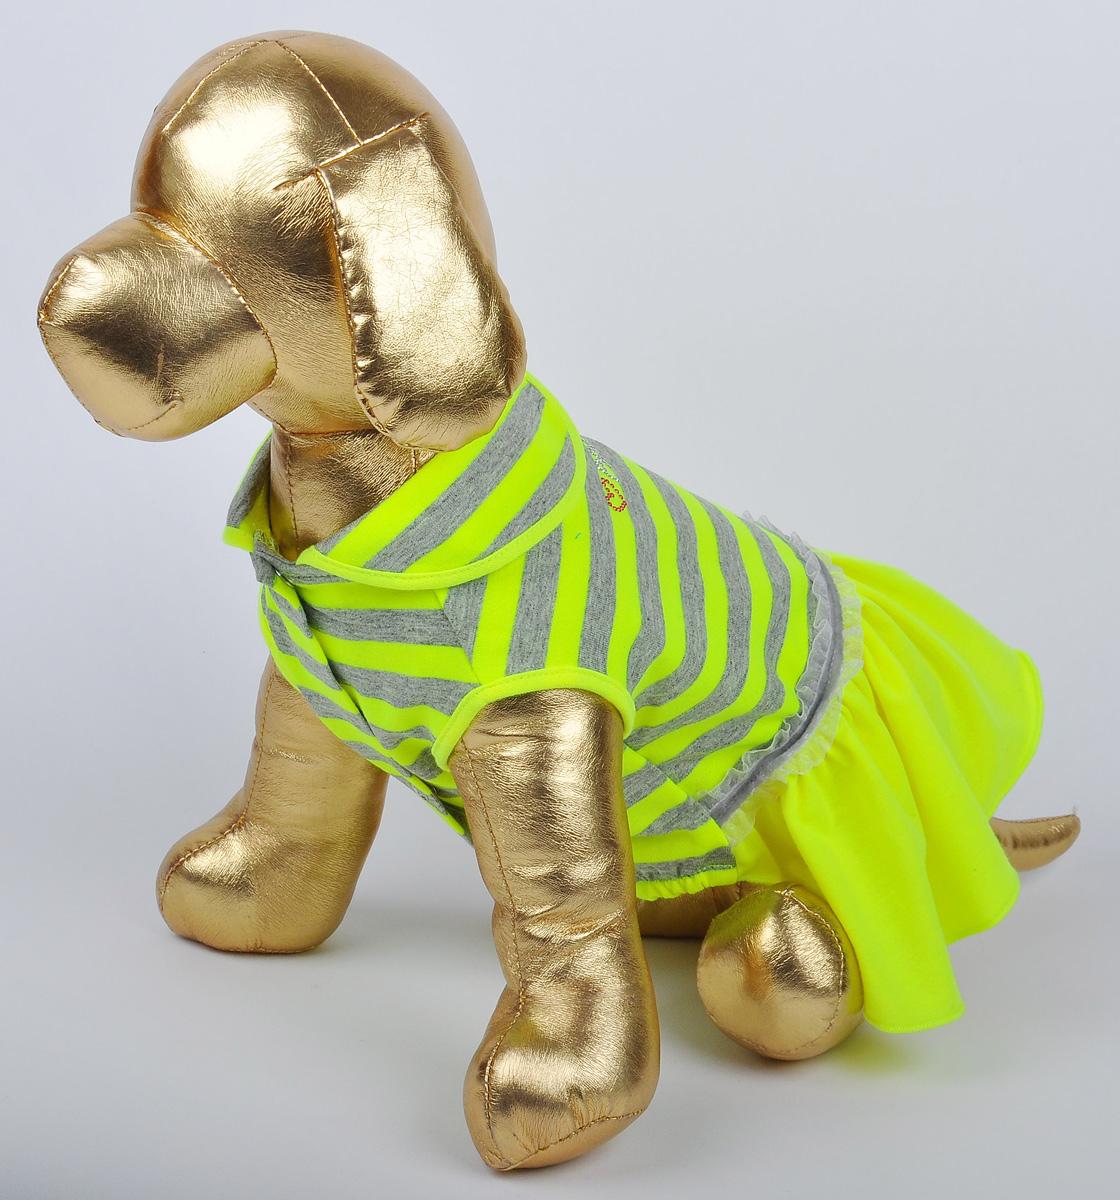 Платье для собак GLG Фэшн Ультра. Размер SКсп-1072-коричневый-вставкаПлатье для собак GLG Фэшн Ультра выполнено из вискозы. Рукава не ограничивают свободу движений, и собачка будет чувствовать себя в нем комфортно. Изделие застегивается с помощью кнопок..Модное и невероятно удобное платье защитит вашего питомца от пыли и насекомых на улице, согреет дома или на даче. Длина спины: 23-25 см Обхват груди: 31-33 см.